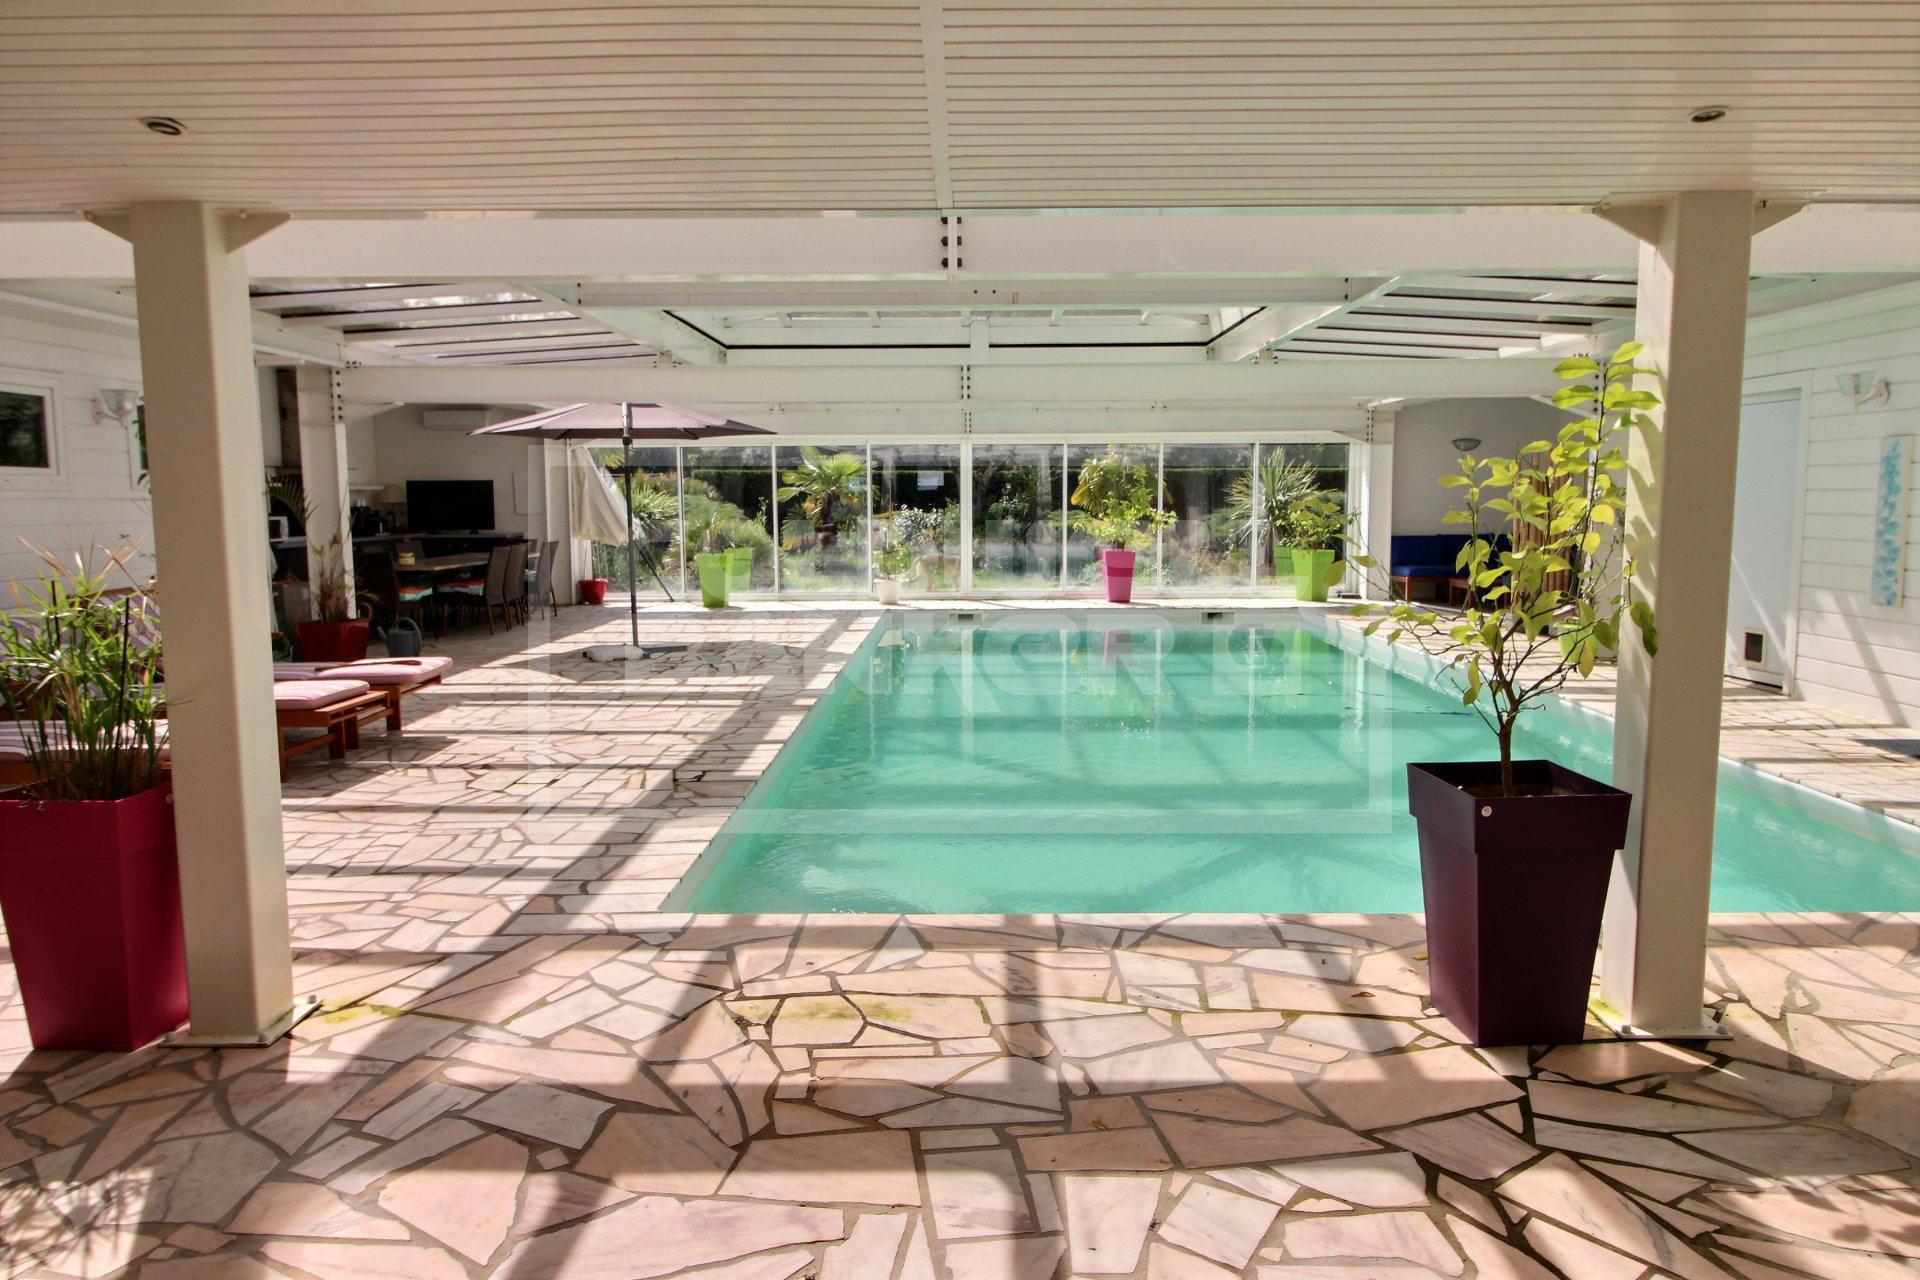 Maison D'architecte Avec Piscine Intérieure Cestas Réf. Bc1-515 tout Piscine Cestas